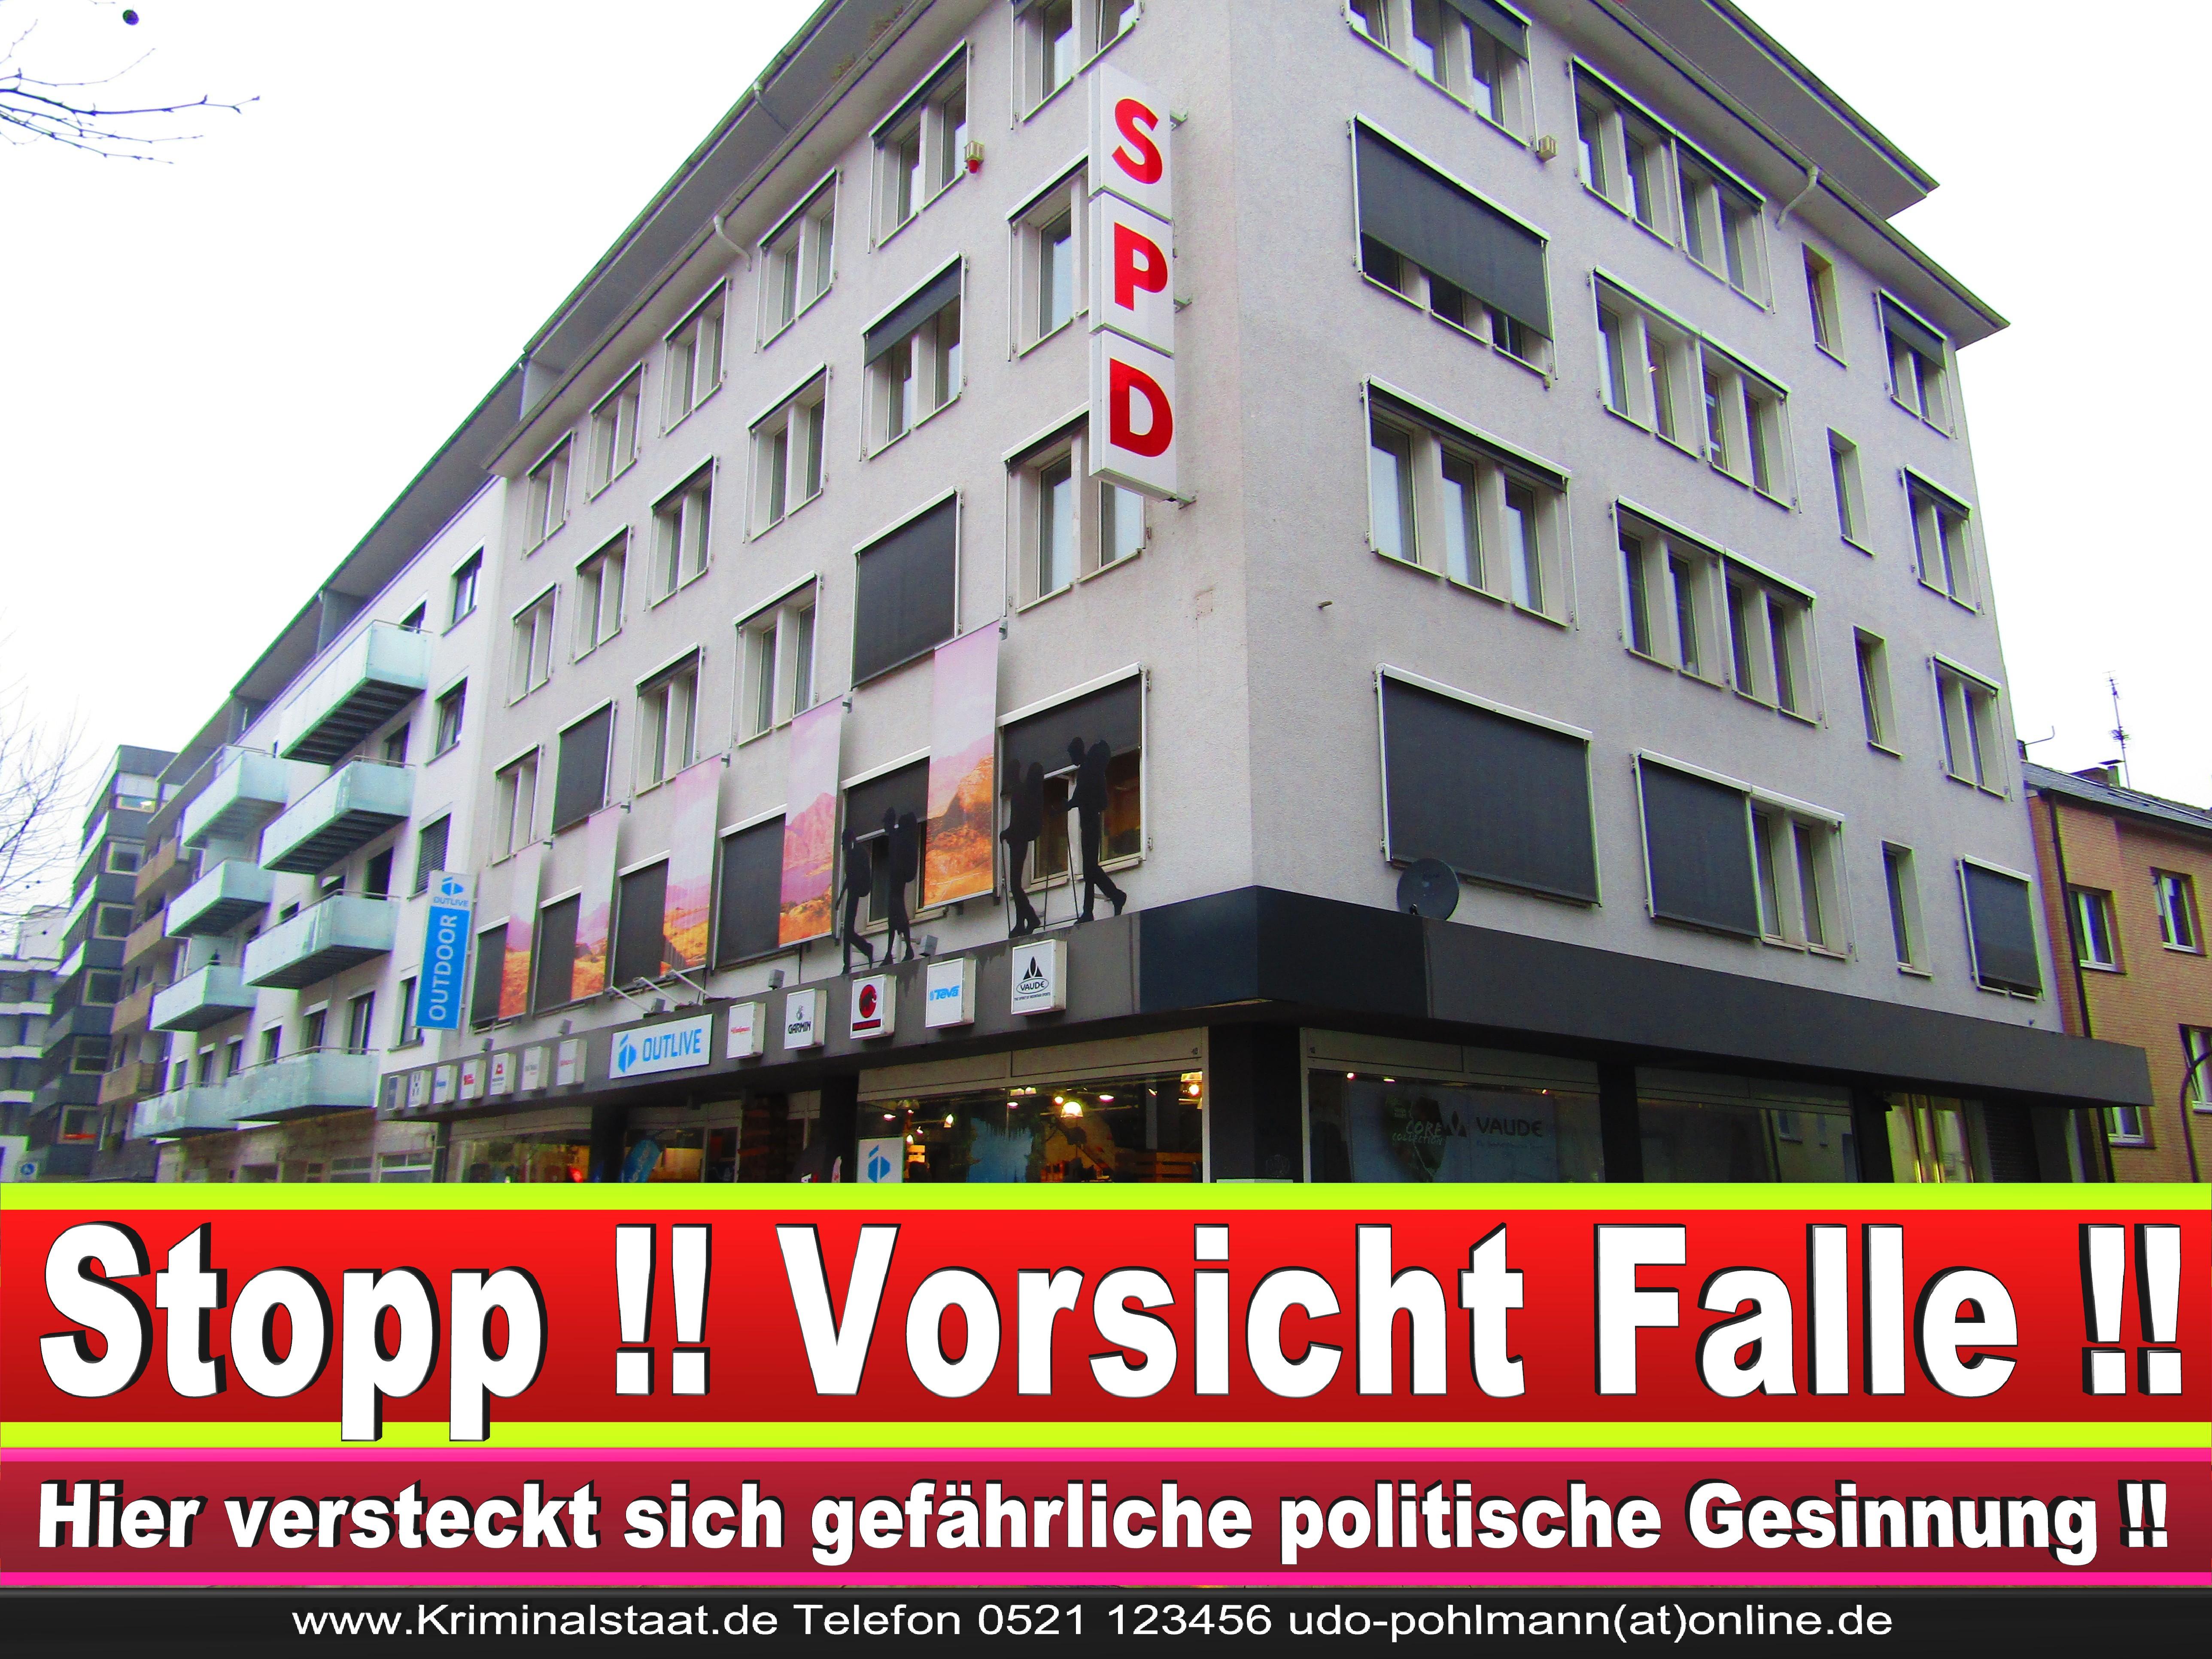 SPD DORTMUND UNTERBEZIRK BüRGERBüRO SPD ORTSVERBAND RAT STADT RATSMITGLIEDER SPD FRAKTION SPD NRW ADRESSE (14) 1